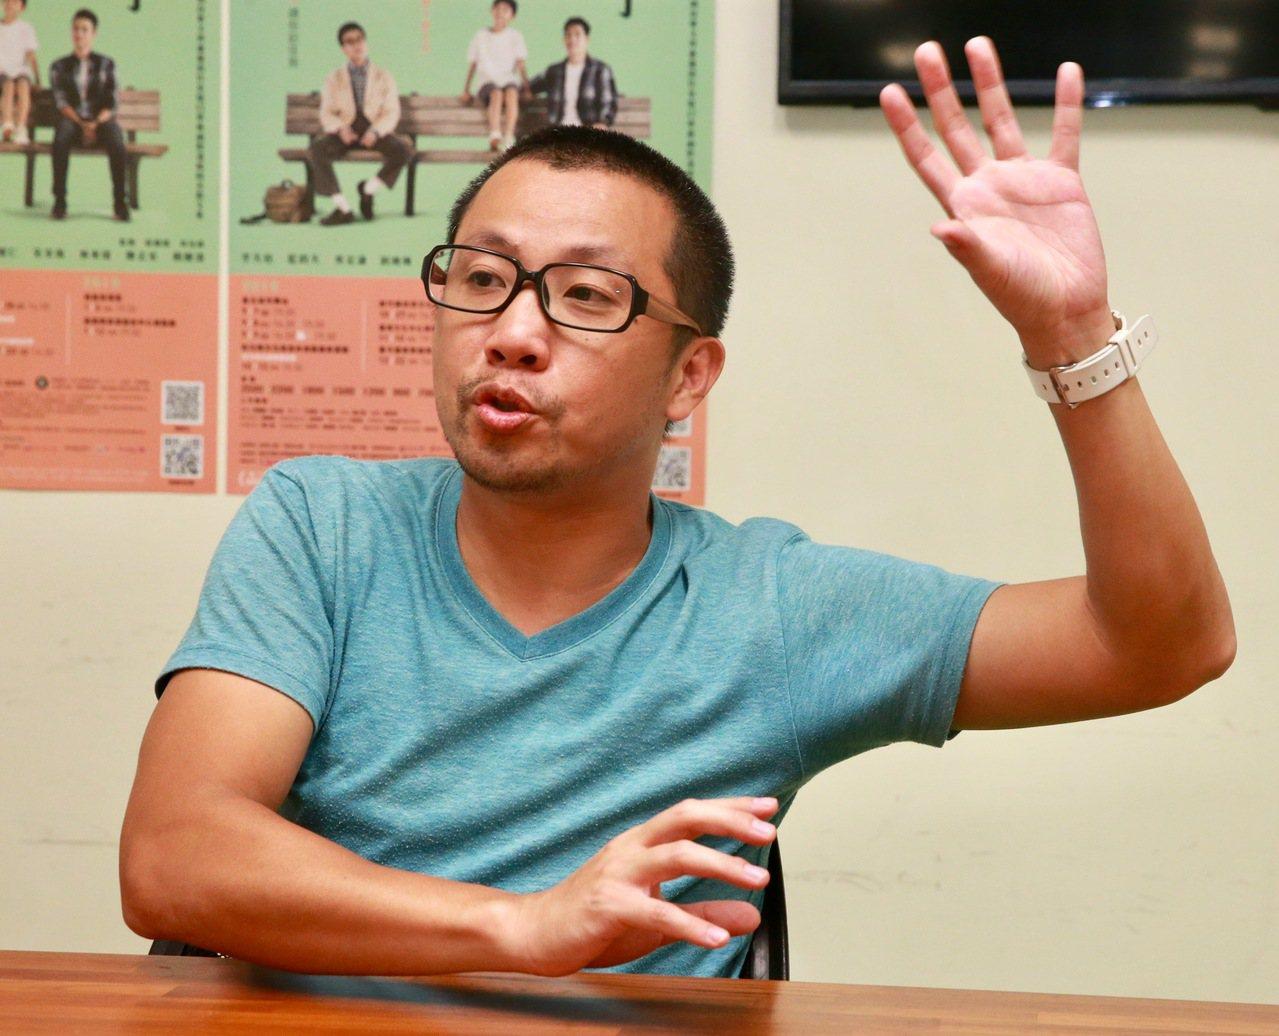 《小兒子》舞台劇9月7日起巡迴演出,編導黃致凱談作品。記者黃義書/攝影